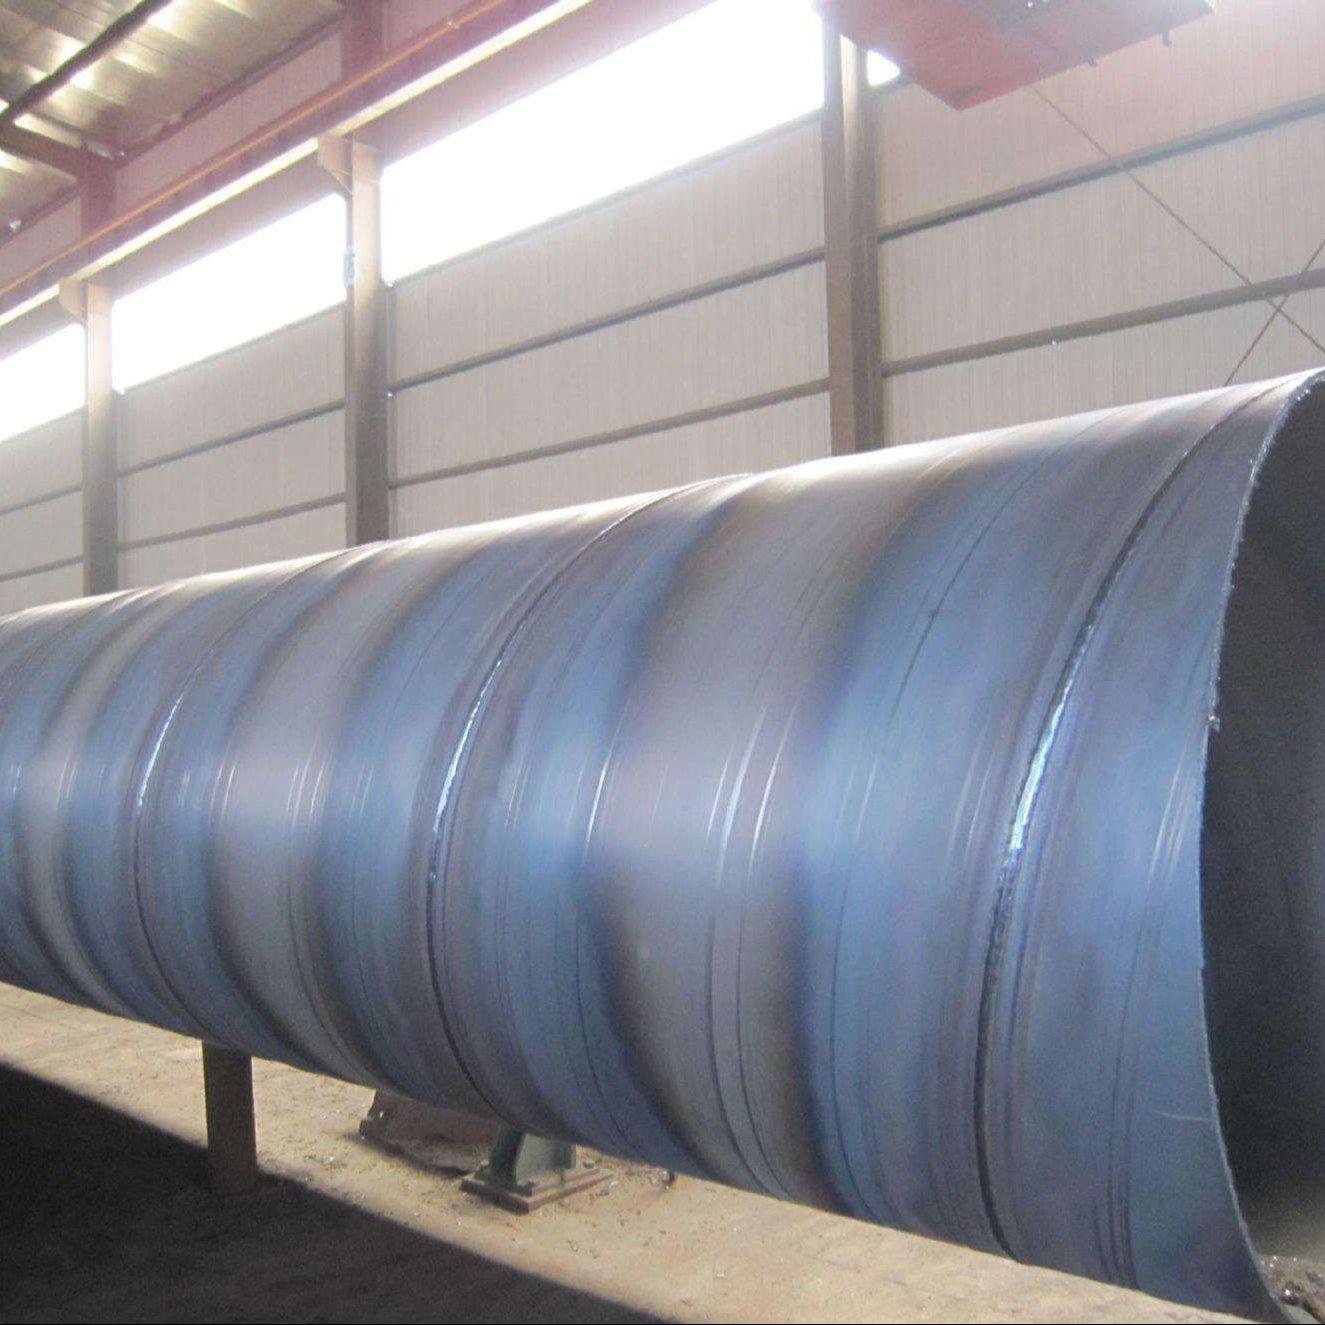 螺旋鋼管 大口徑螺旋鋼管  螺旋鋼管生產廠家 Q235B螺旋鋼管